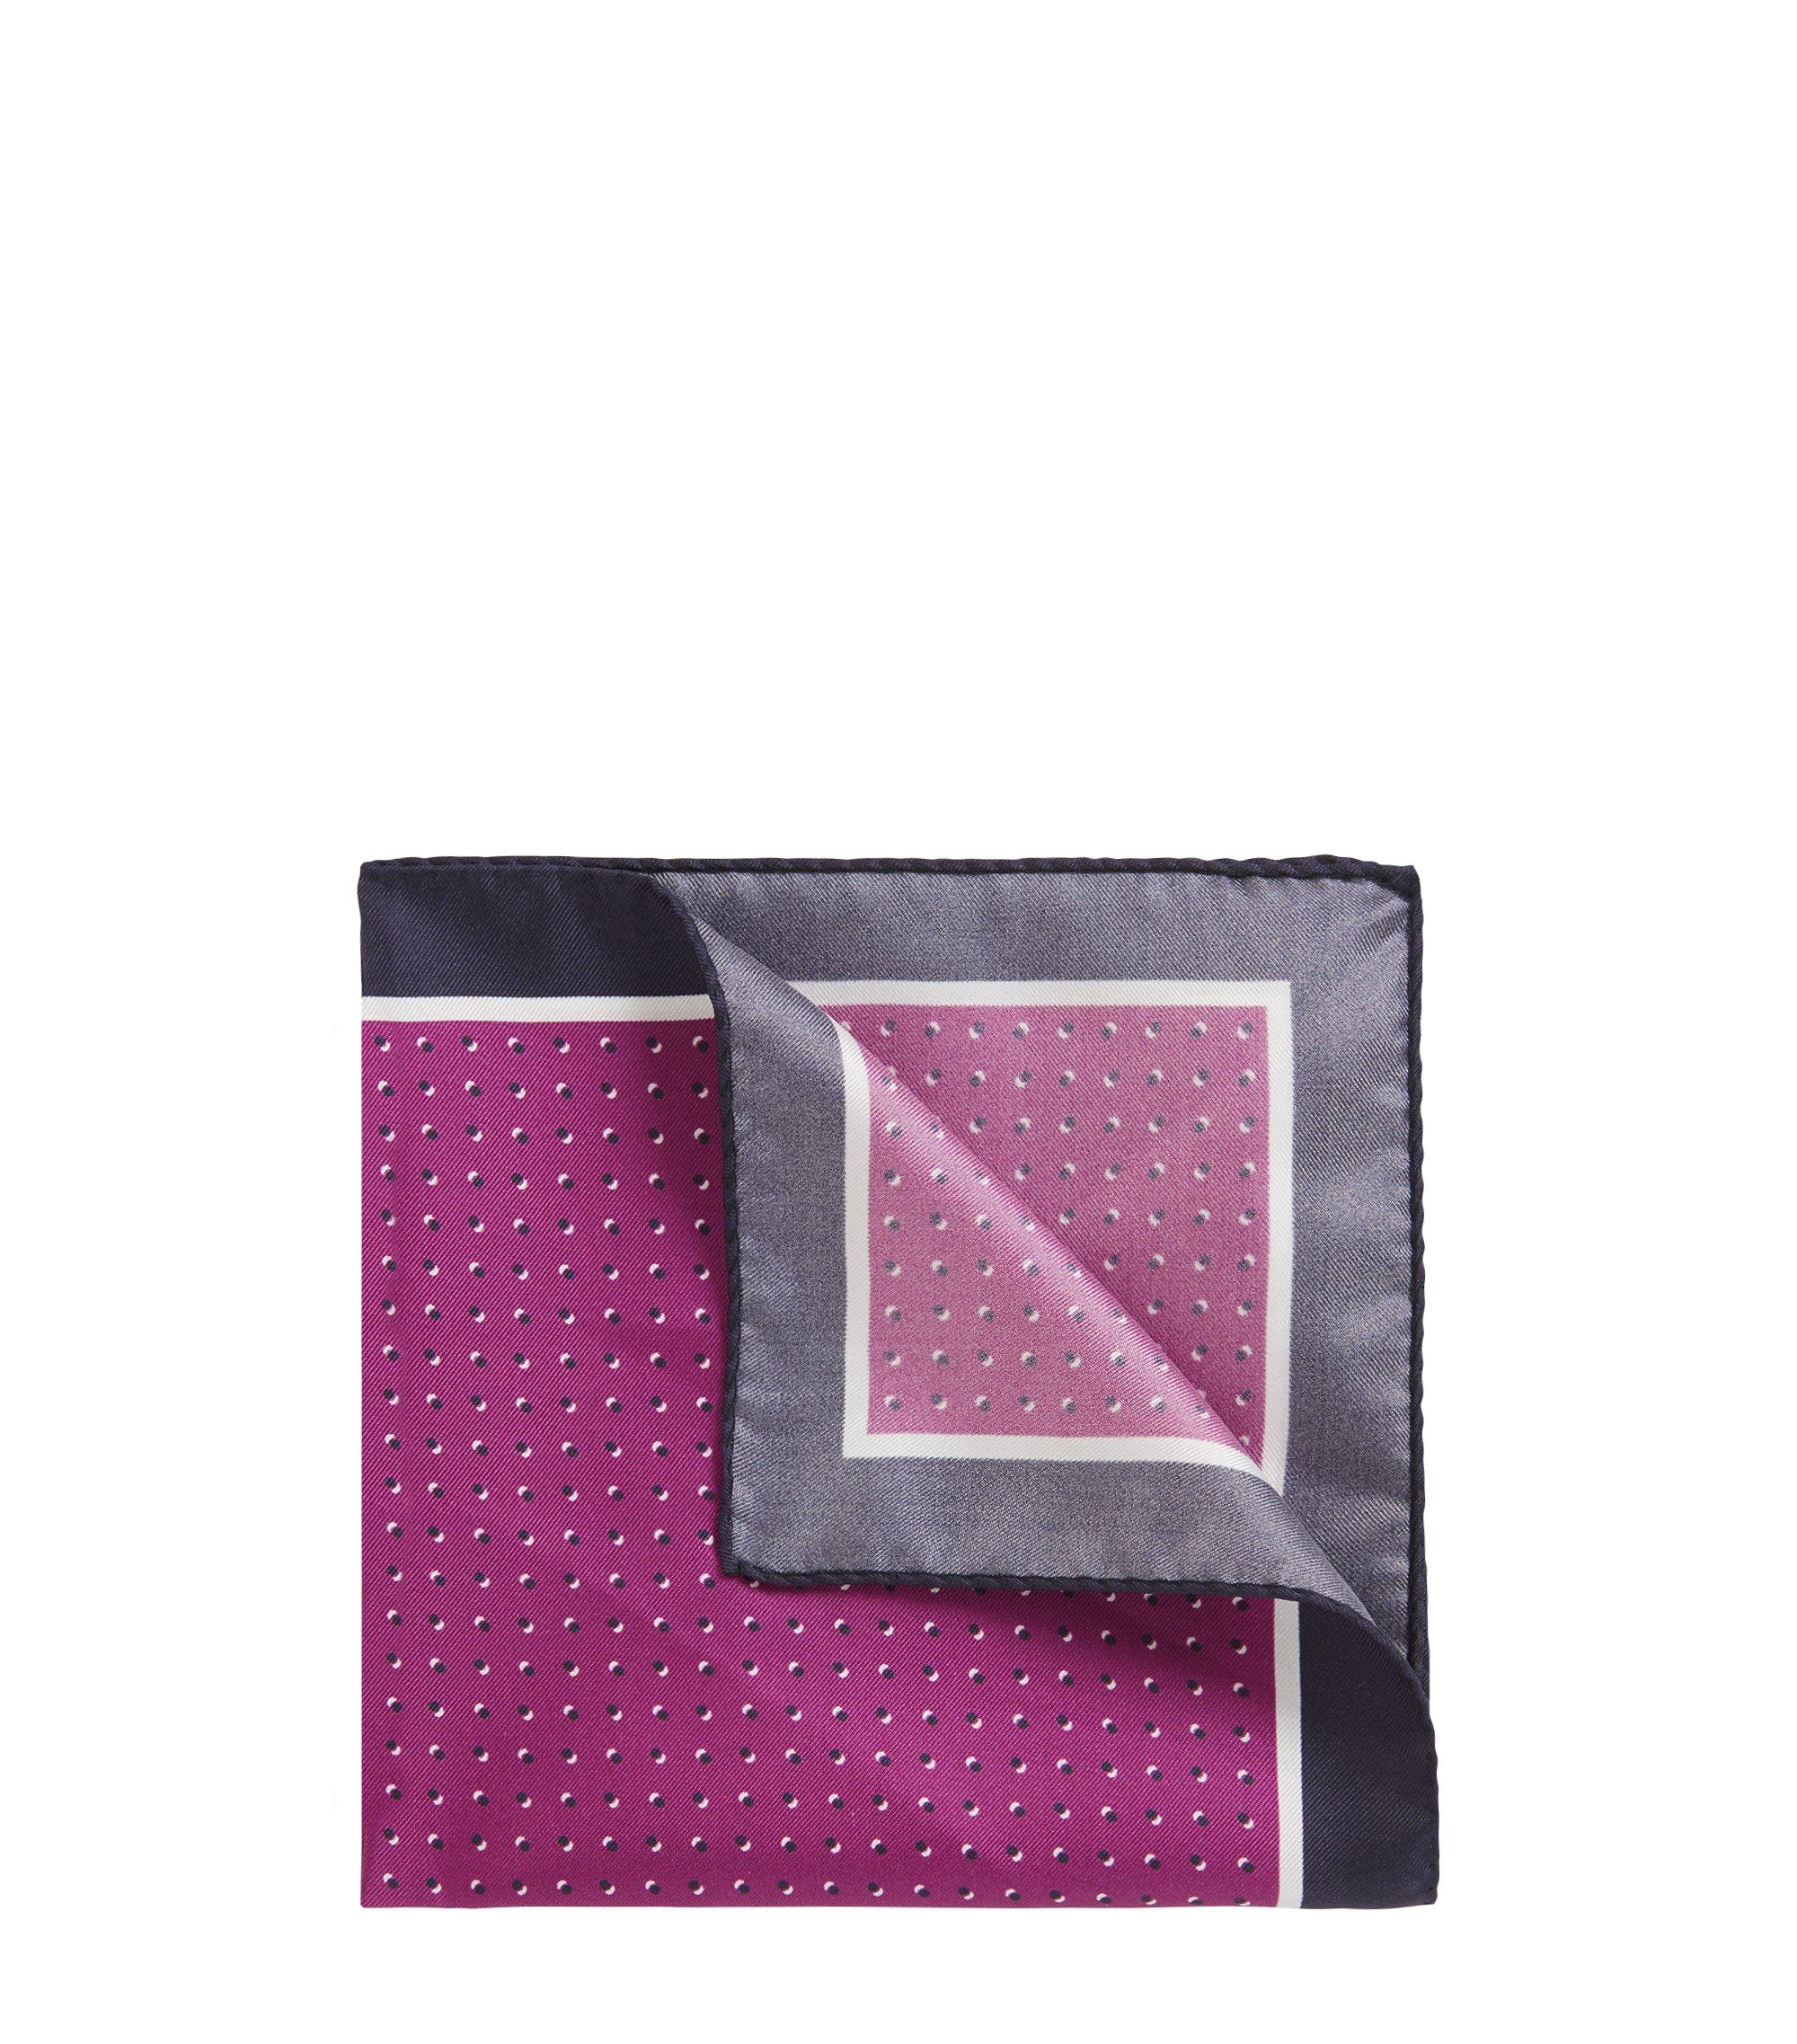 Pañuelo de bolsillo de seda fabricado en Italia con motivo estampado, Lila